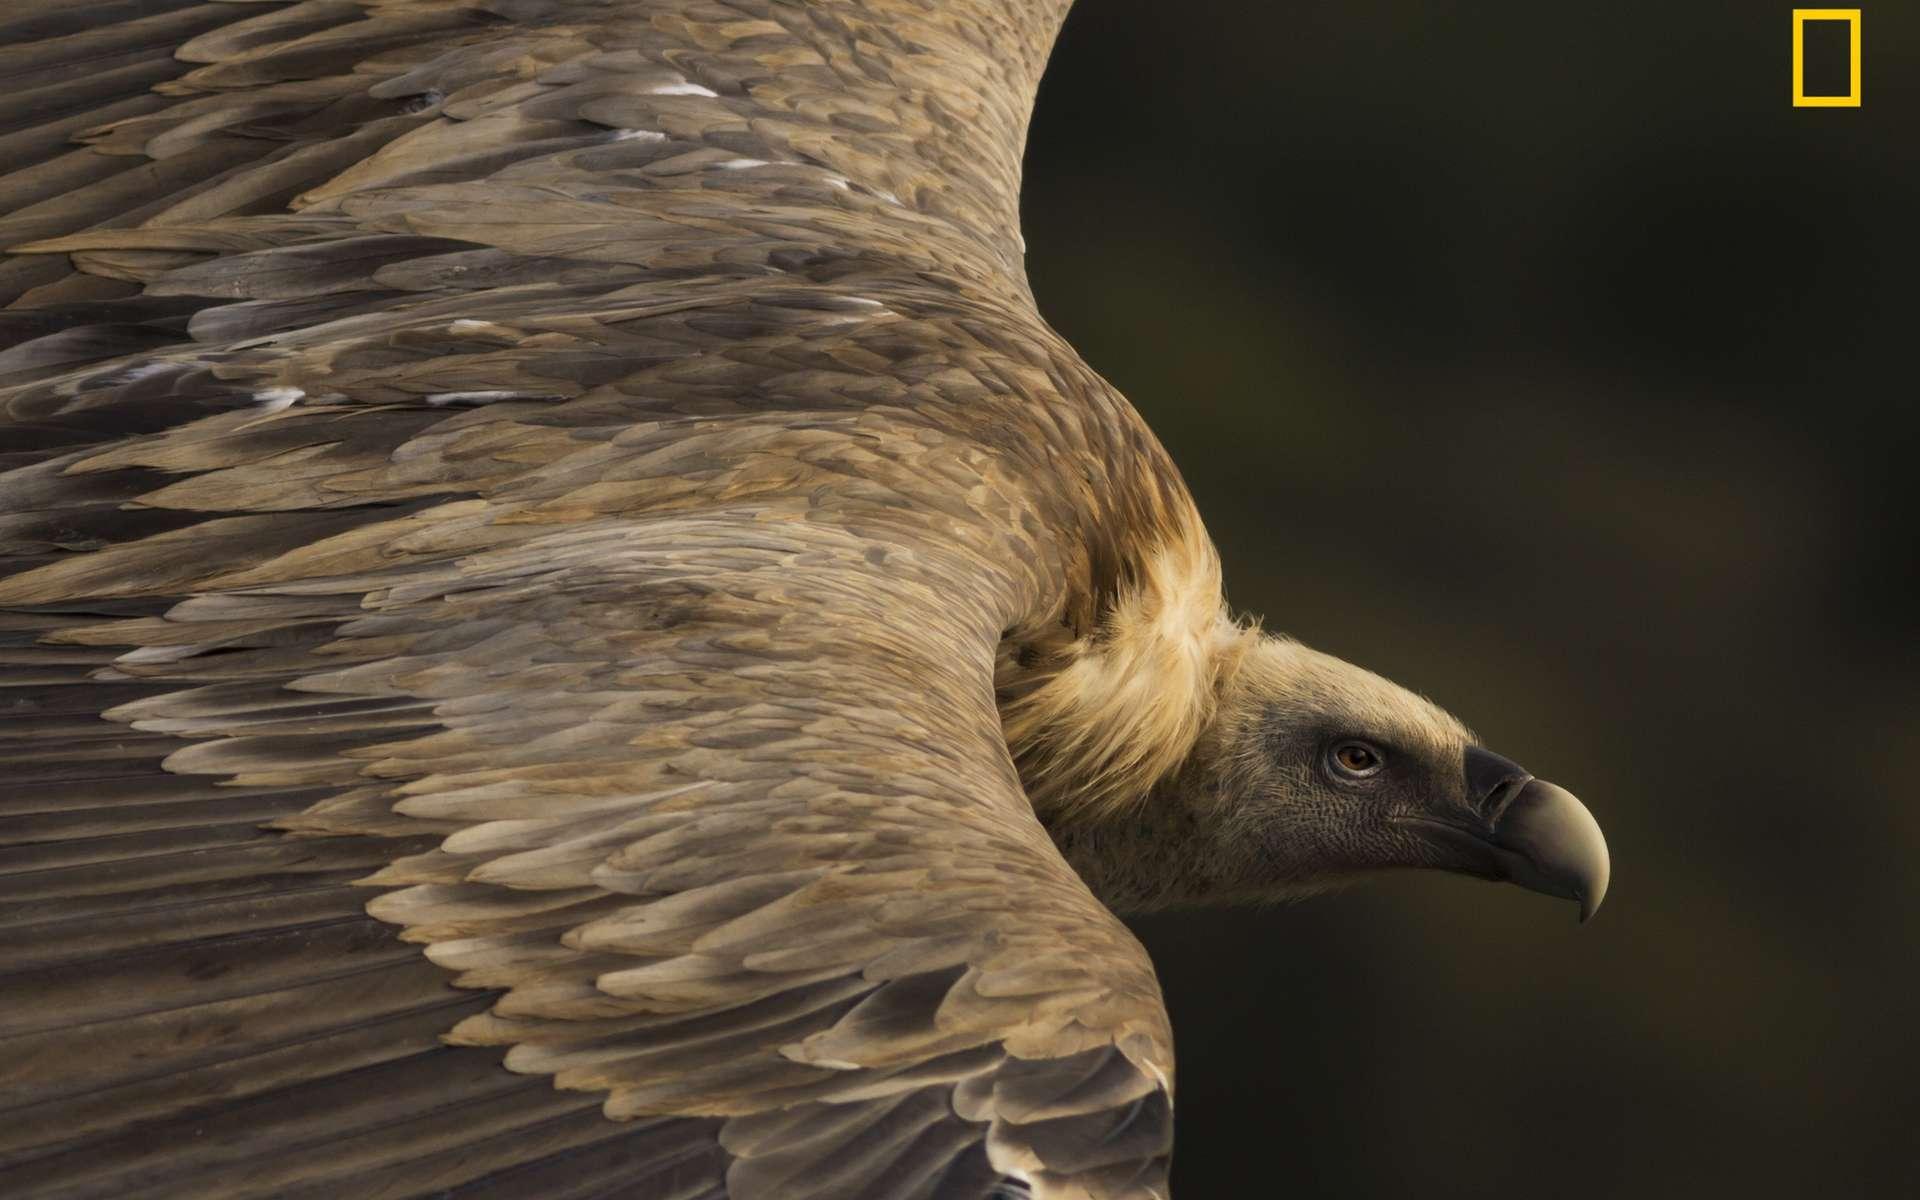 Un vautour fauve, gagnant de la catégorie Nature du National Geographic Travel Photo Contest. © Tamara Blazquez Haik, 2019 National Geographic Travel Photo Contest